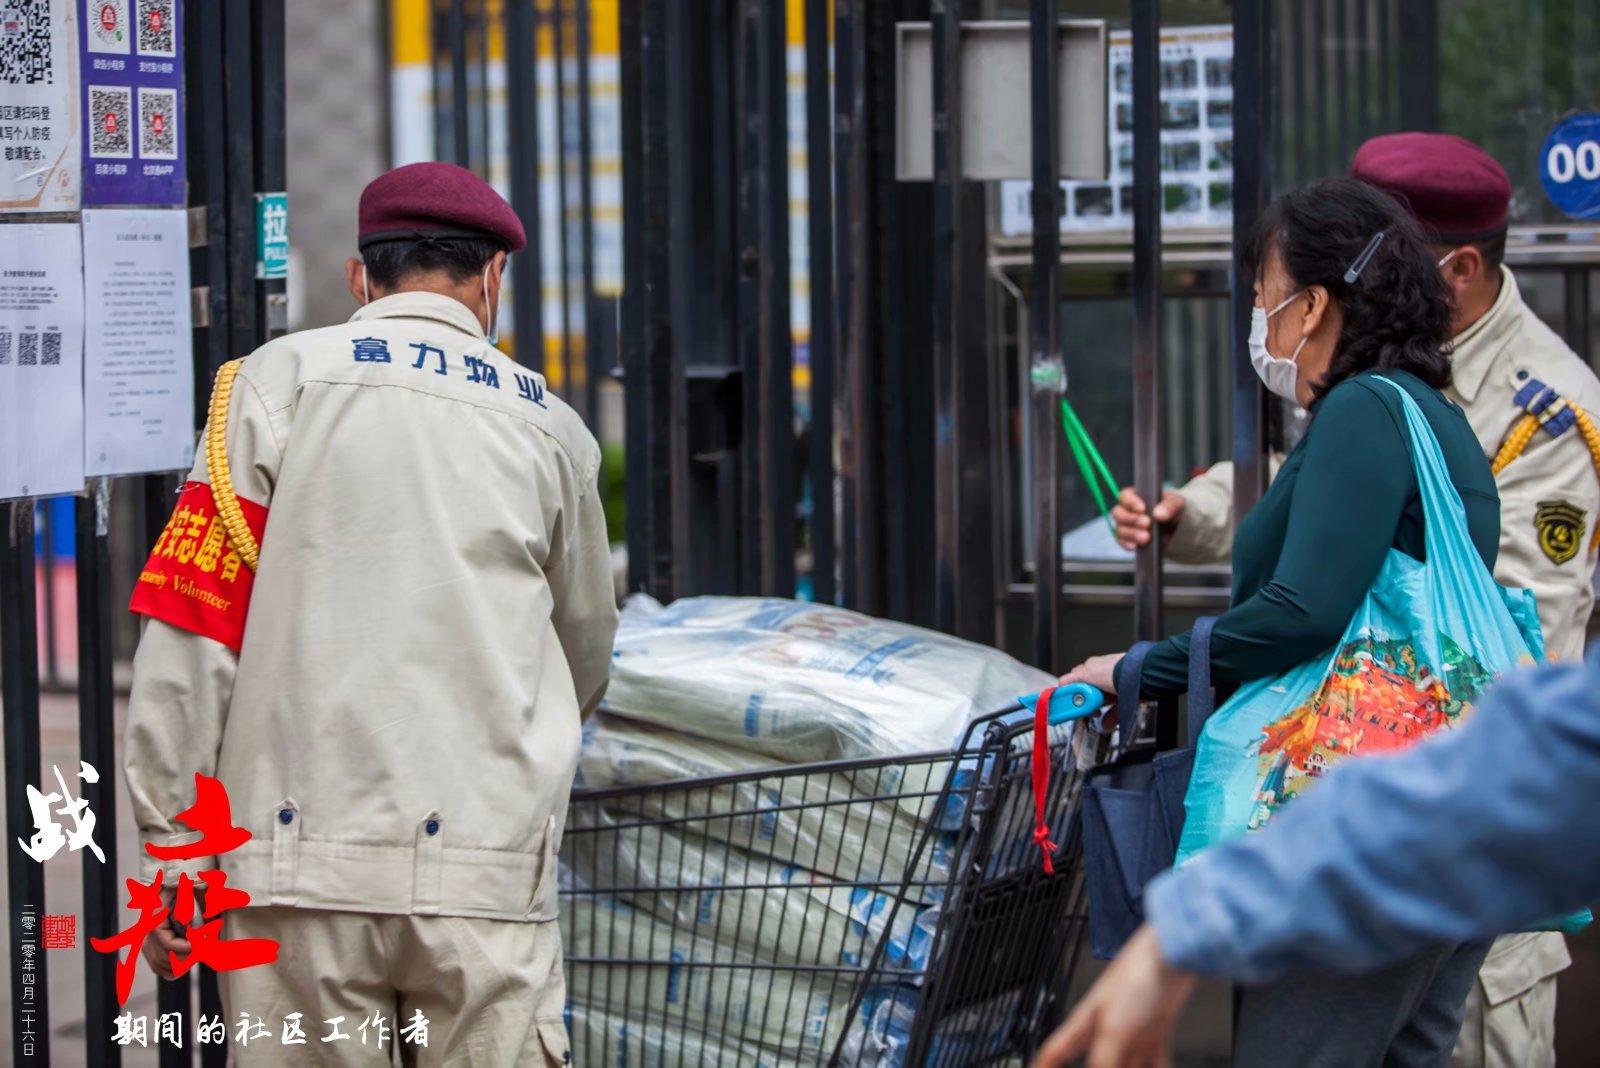 记录抗击疫情一线的社区工作者、保安、志愿者、警察、城管、环卫、物业等普通的劳动者。